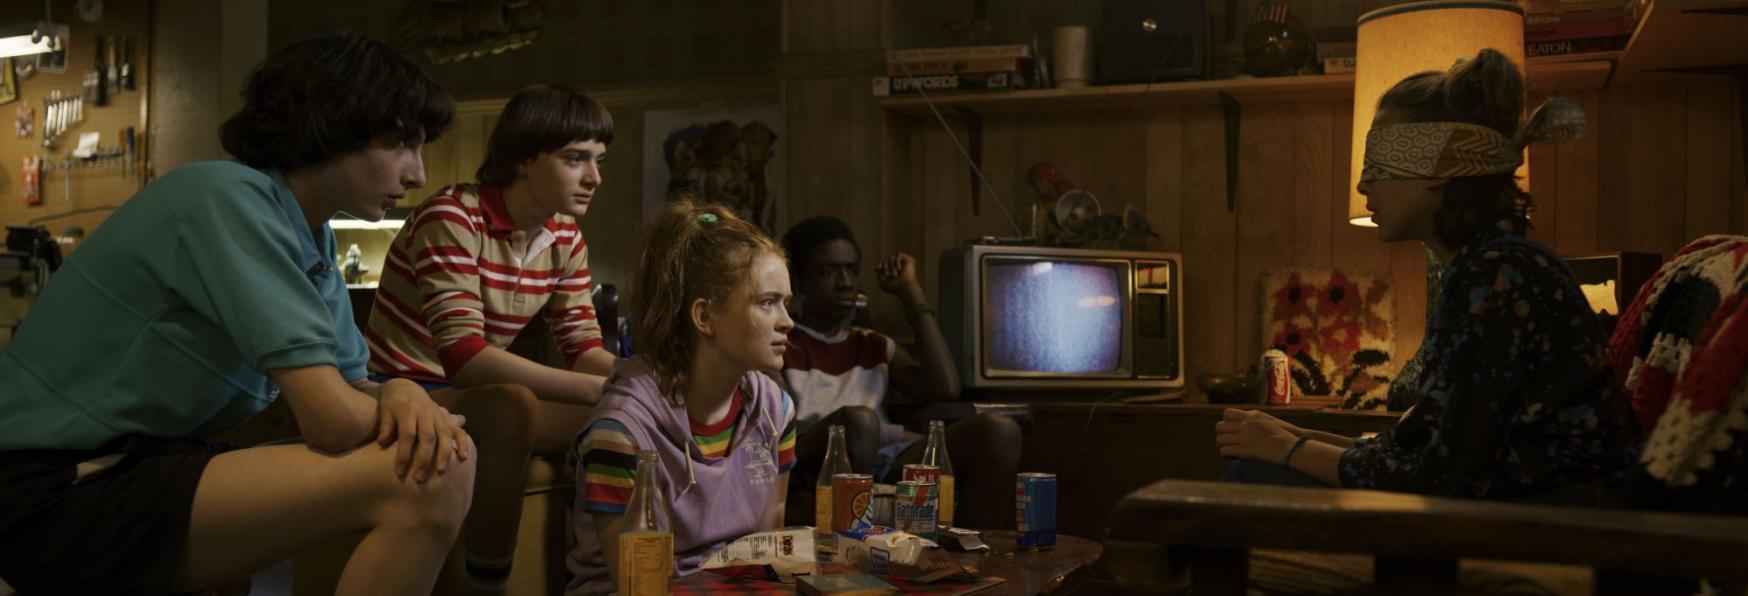 Stranger Things 4: Nuovi Personaggi e New Entry nel Cast dell'attesa nuova Stagione